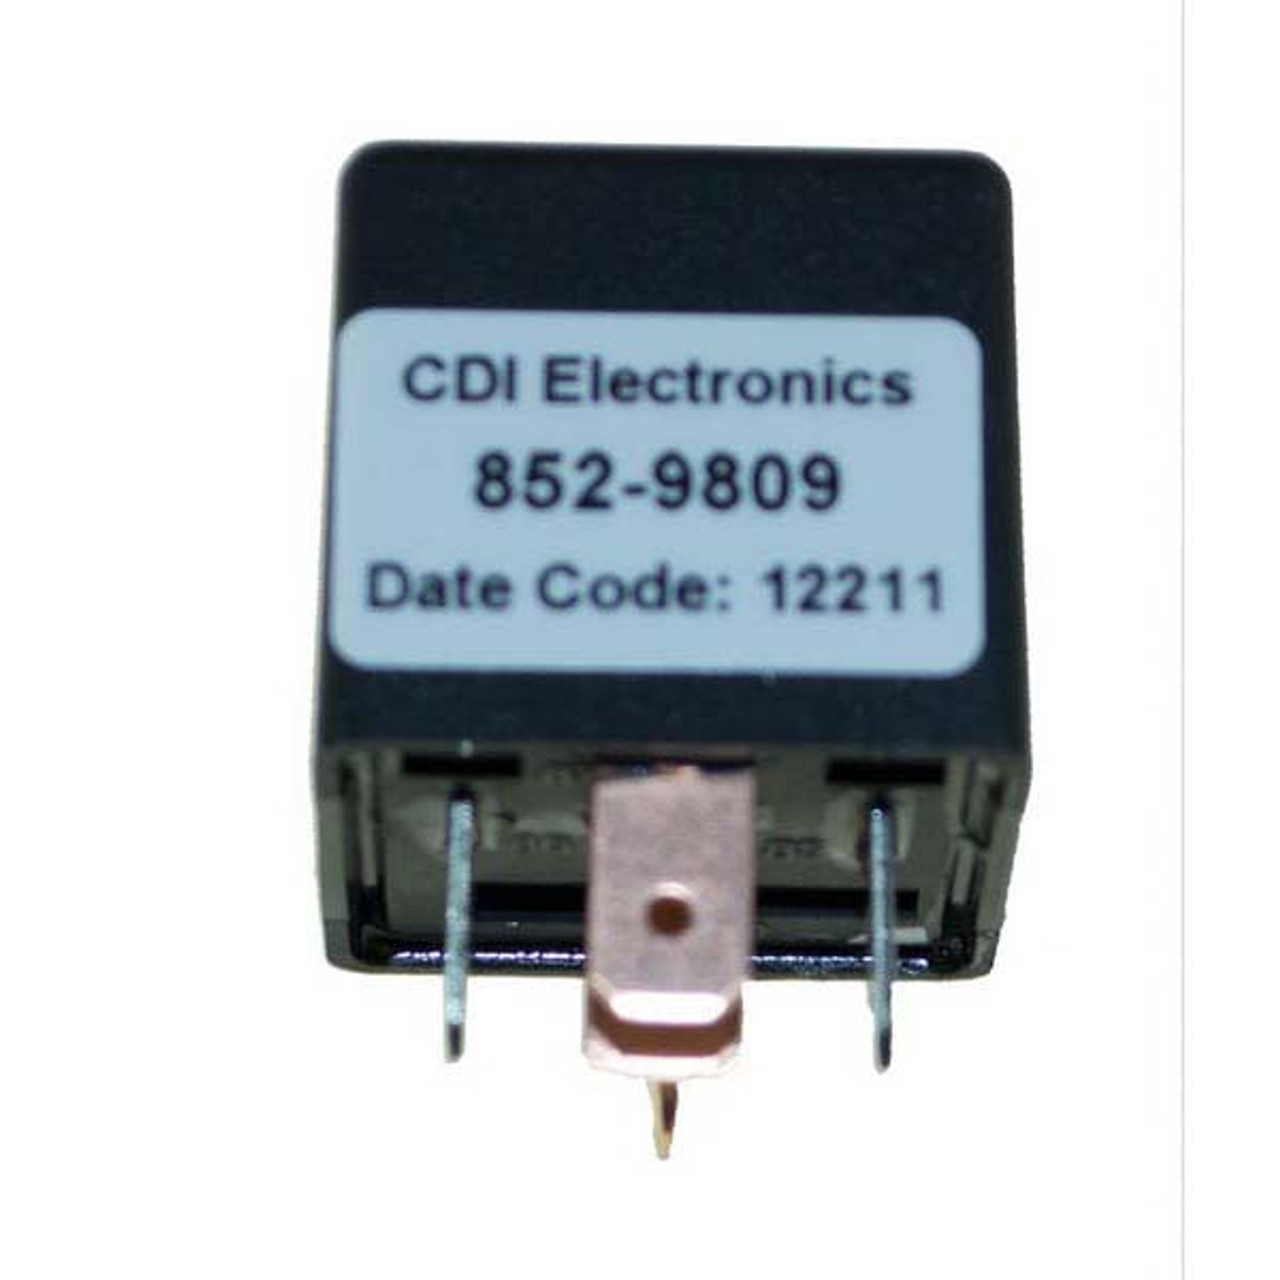 tilt relay 40 hp evinrude wiring diagram [ 1280 x 1280 Pixel ]